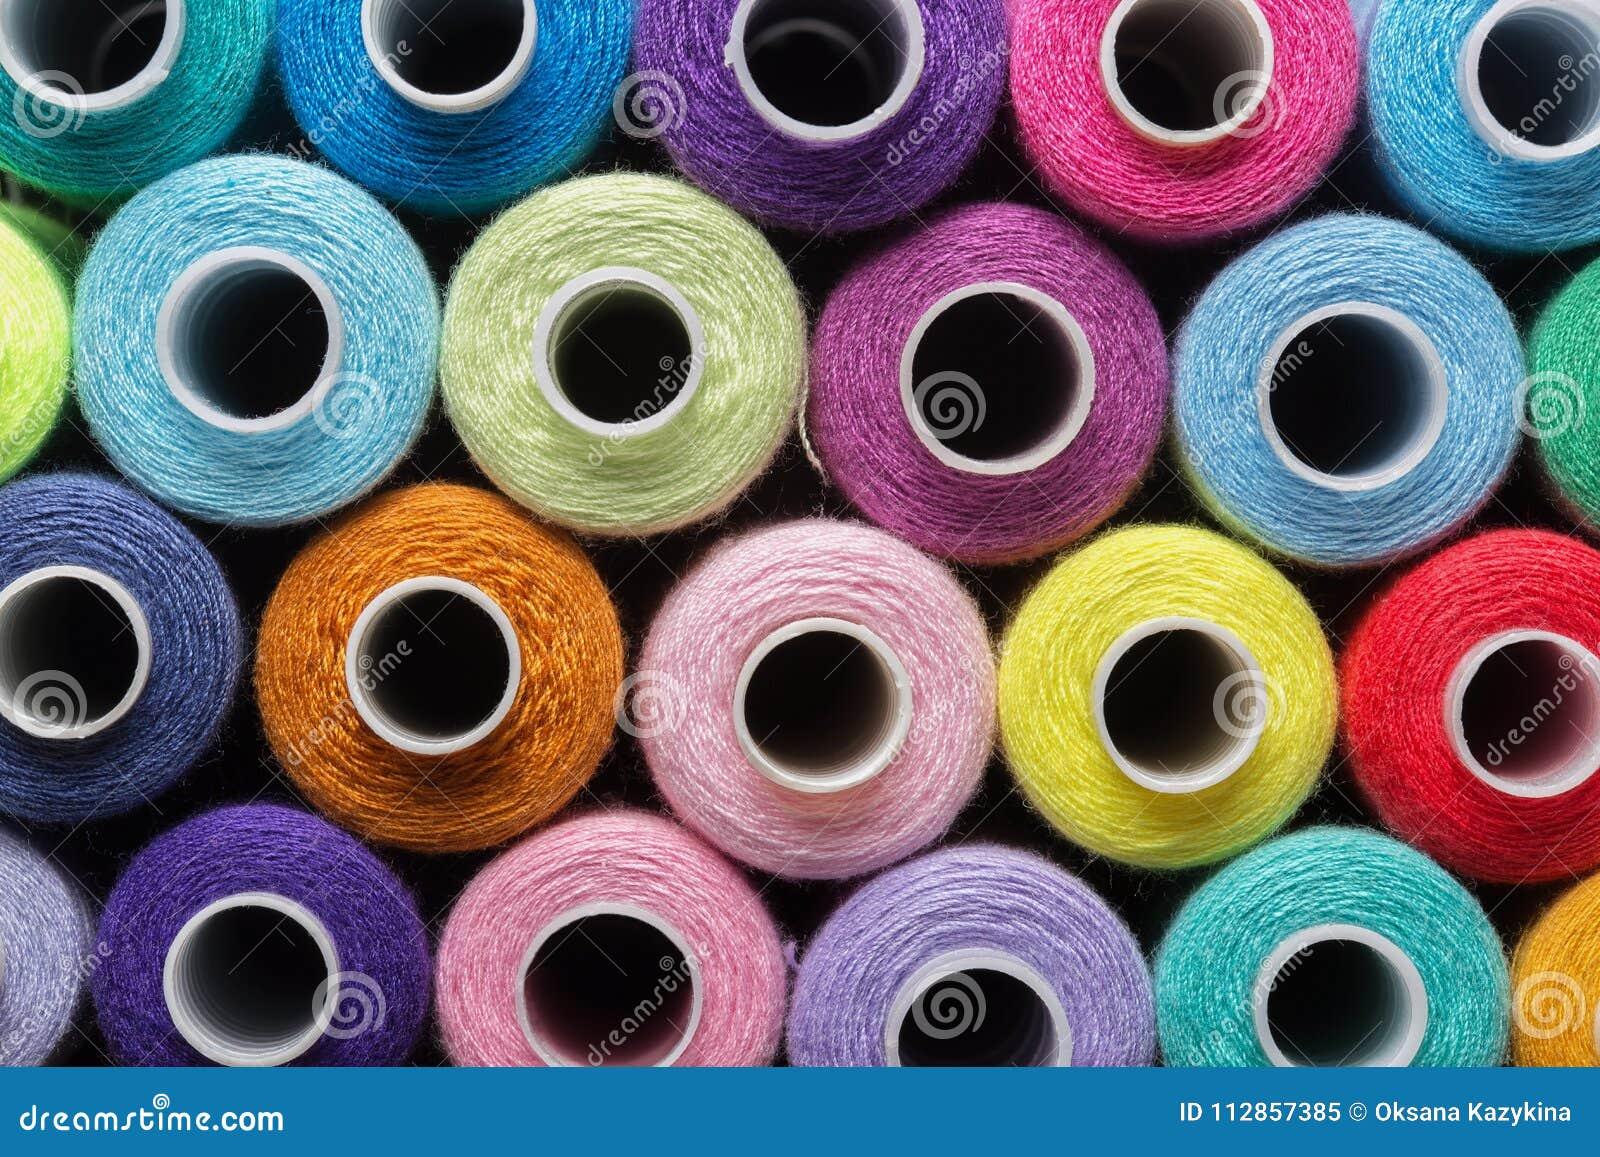 De naaiende draad in verschillende kleuren doorboort blauwgroen rood